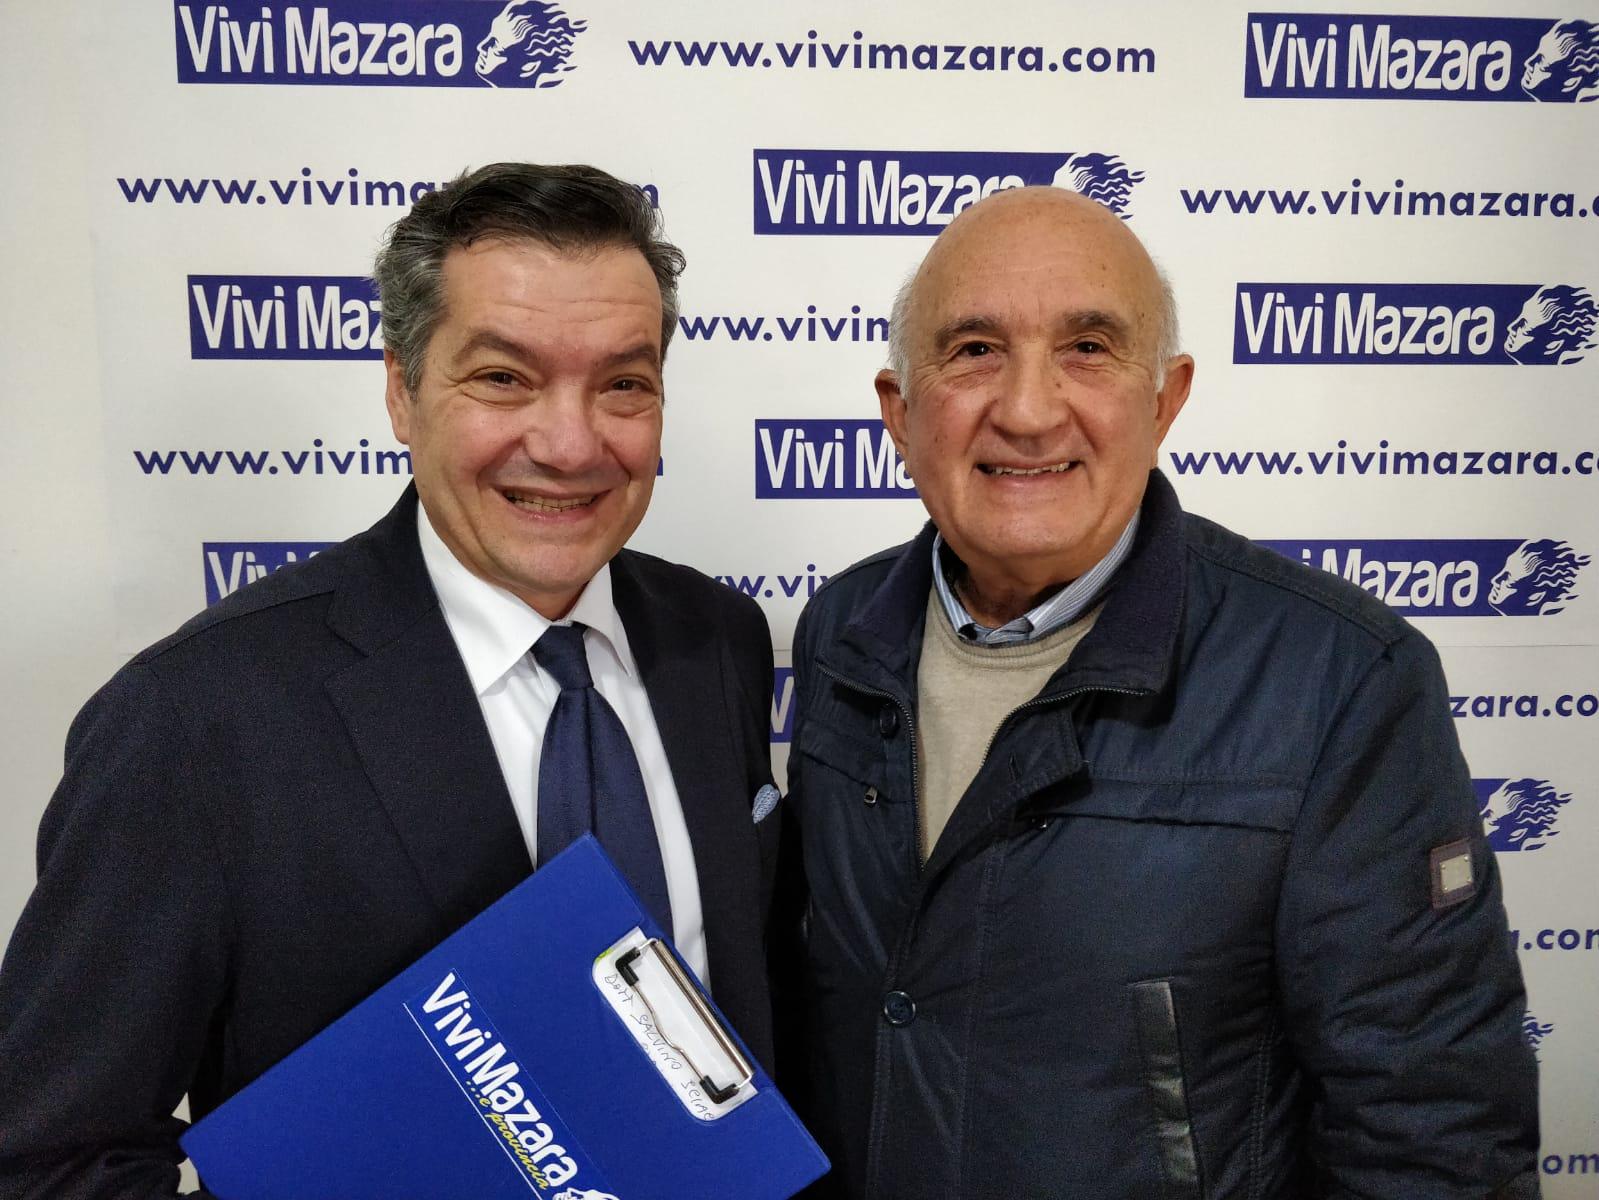 Mazara, AMMINISTRATIVE 2019, VIDEO INTERVISTA CON IL DOTT. SALVINO SCIACCA DELL'UDC A SOSTEGNO DI BENEDETTA CORRAO